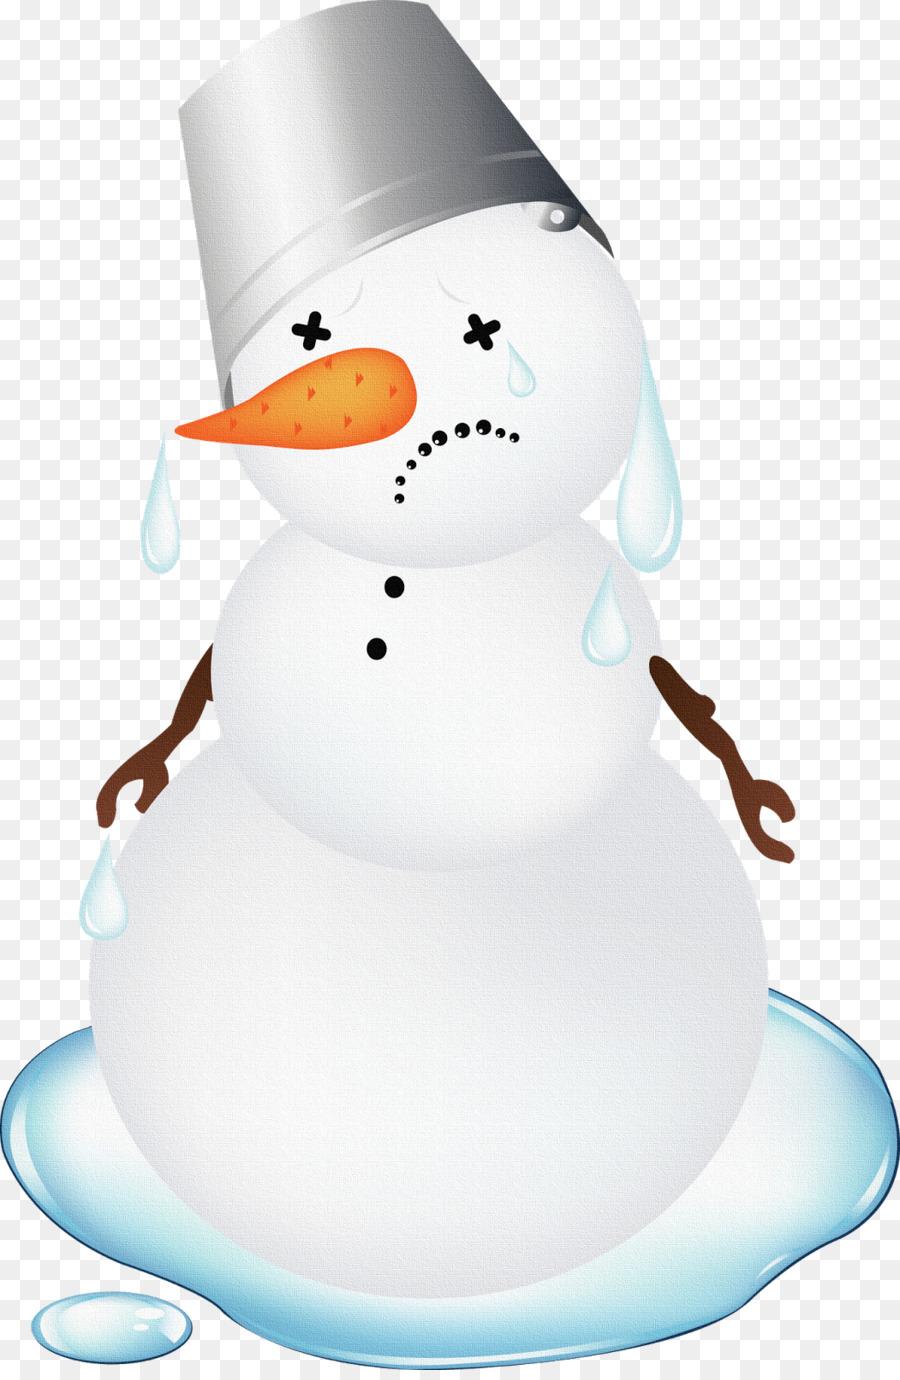 Descarga gratuita de Muñeco De Nieve, Fusión, La Nieve Imágen de Png